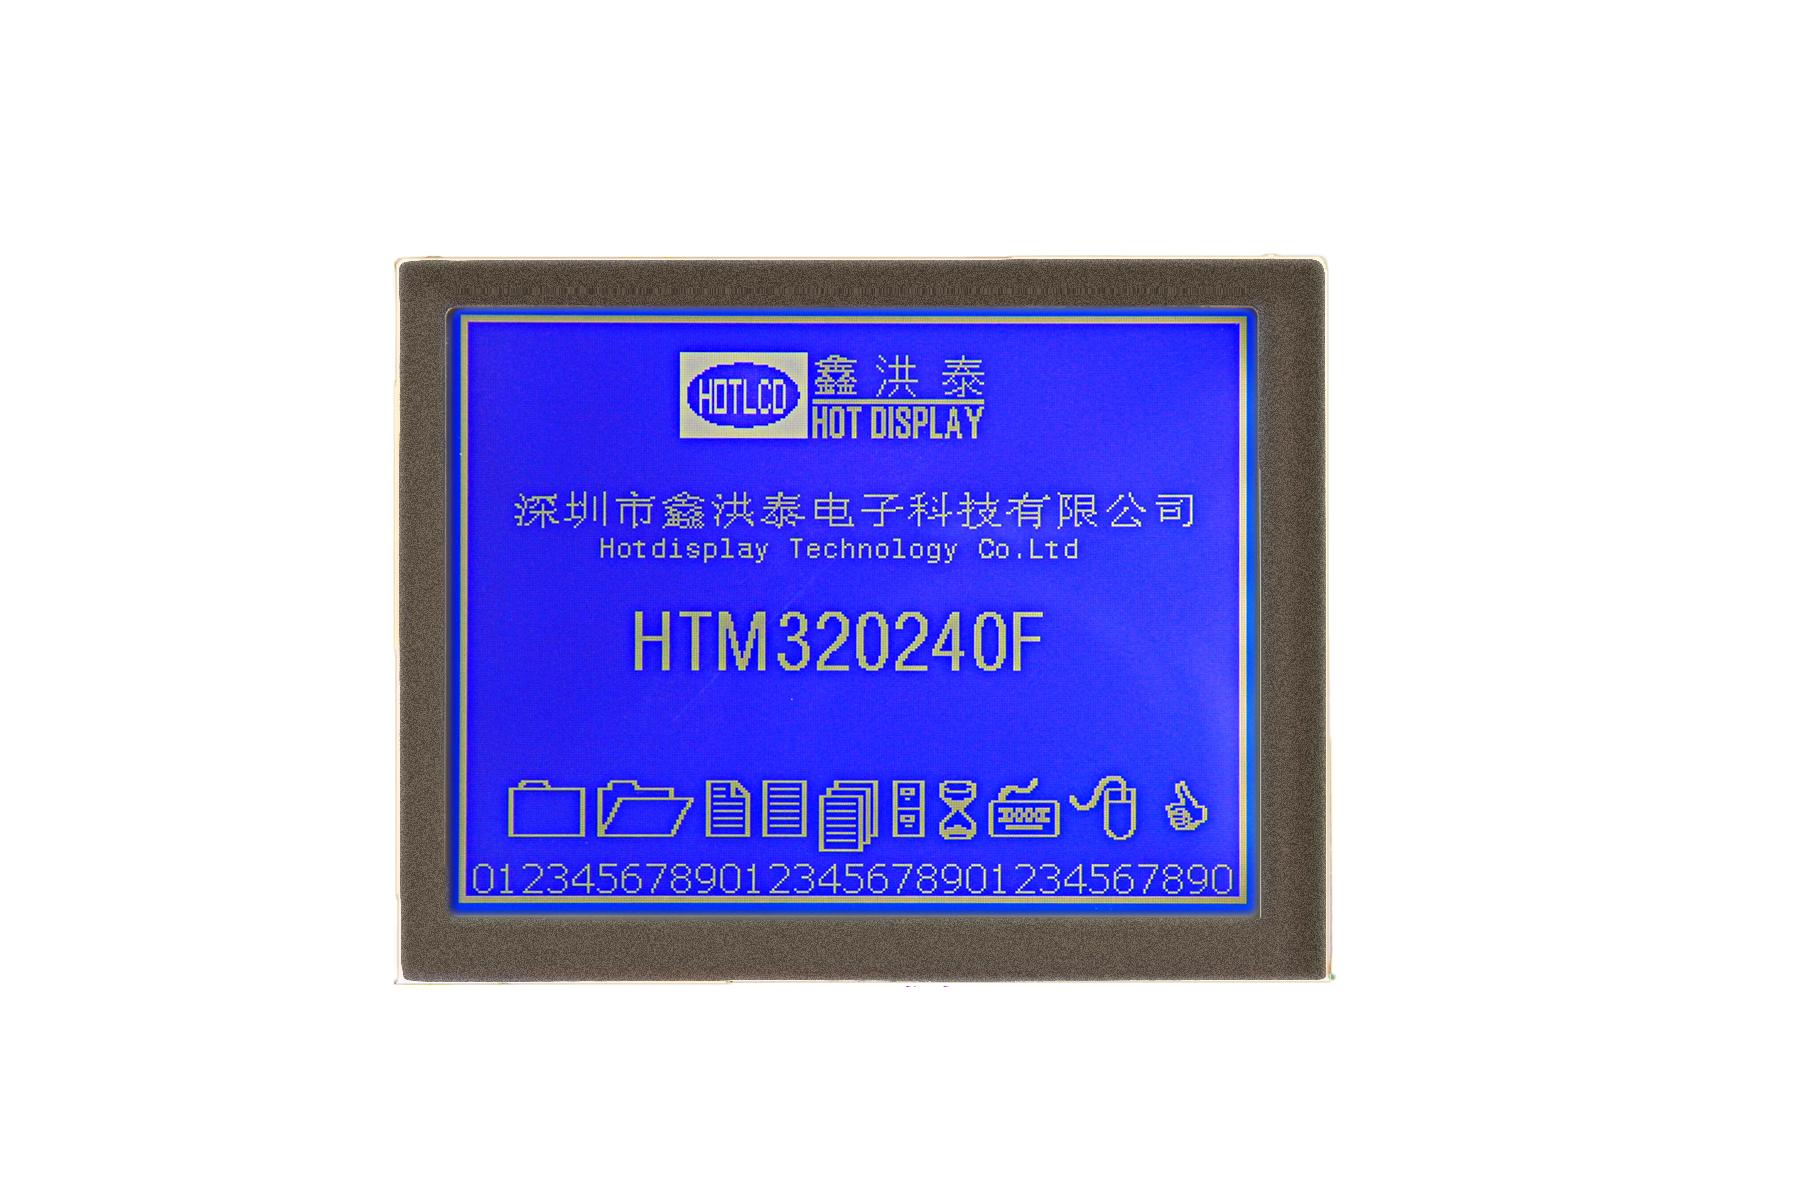 HTM320240F(蓝膜/负显)--嵌入式的3.8寸STN型的320240图形点阵模组